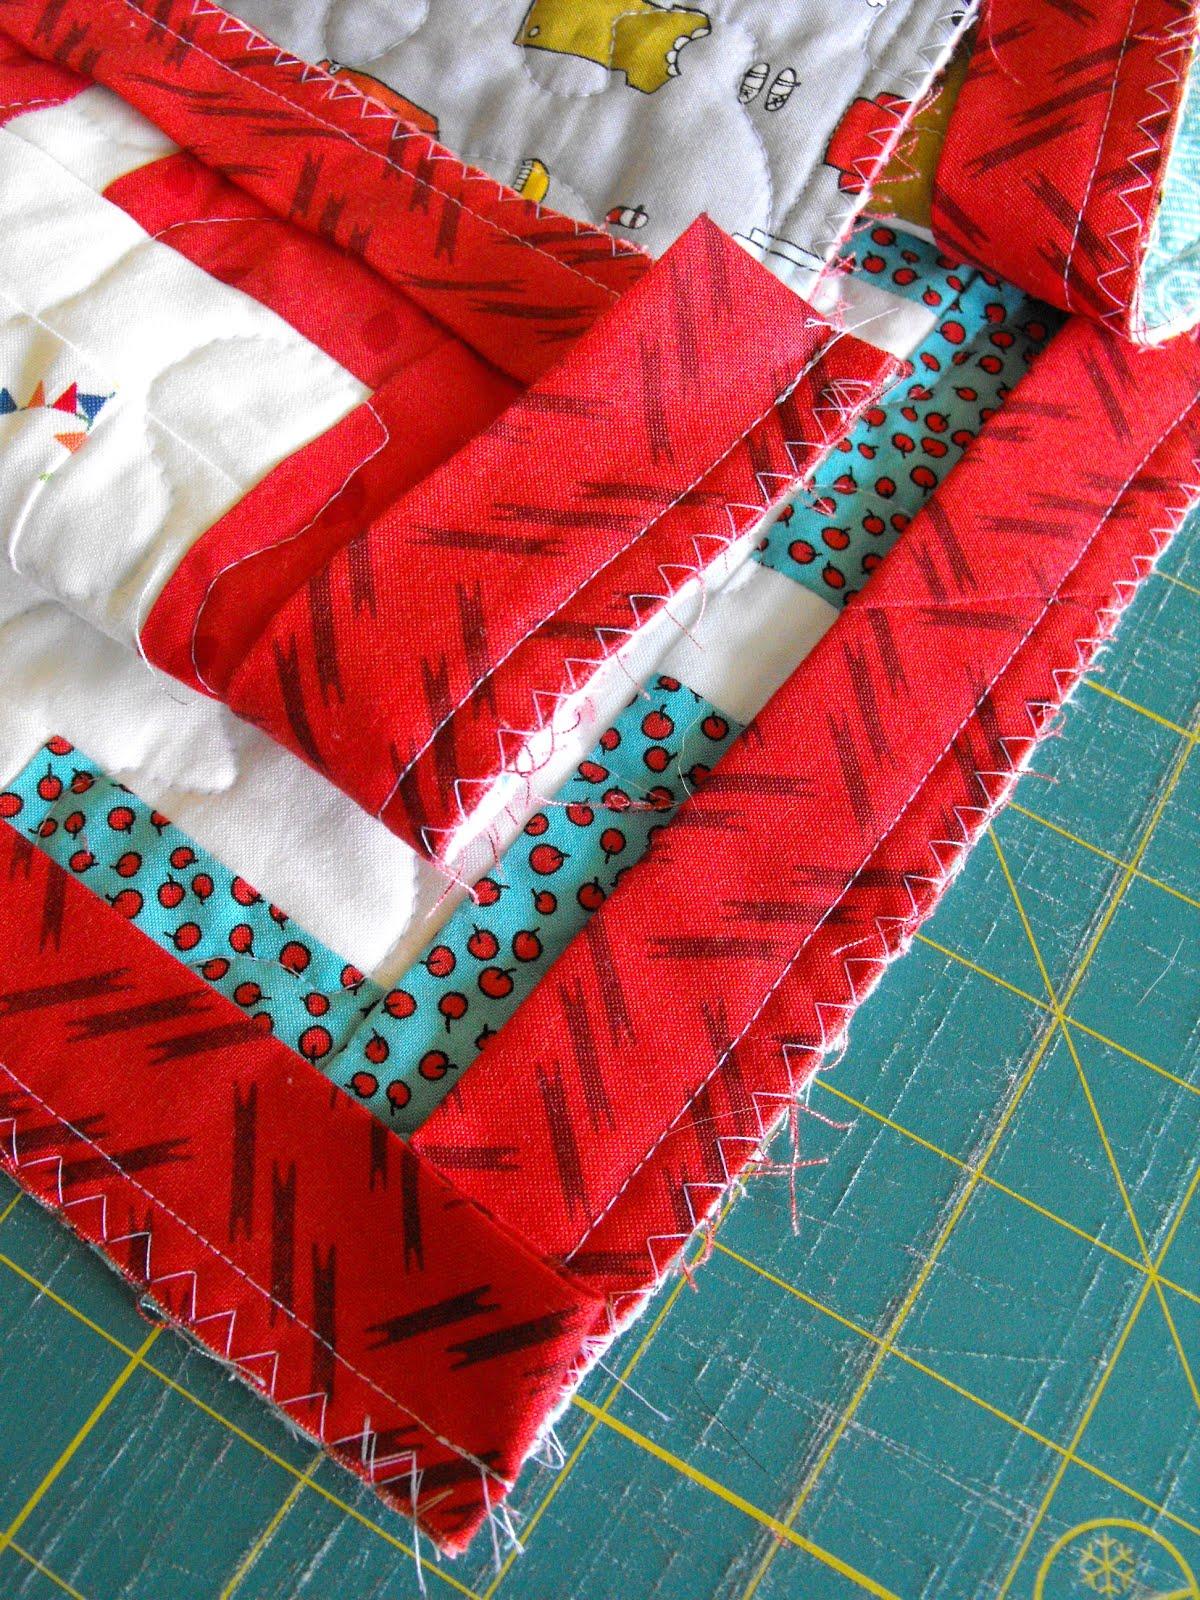 Hand Sewn Binding Tutorial : binding a quilt by hand - Adamdwight.com